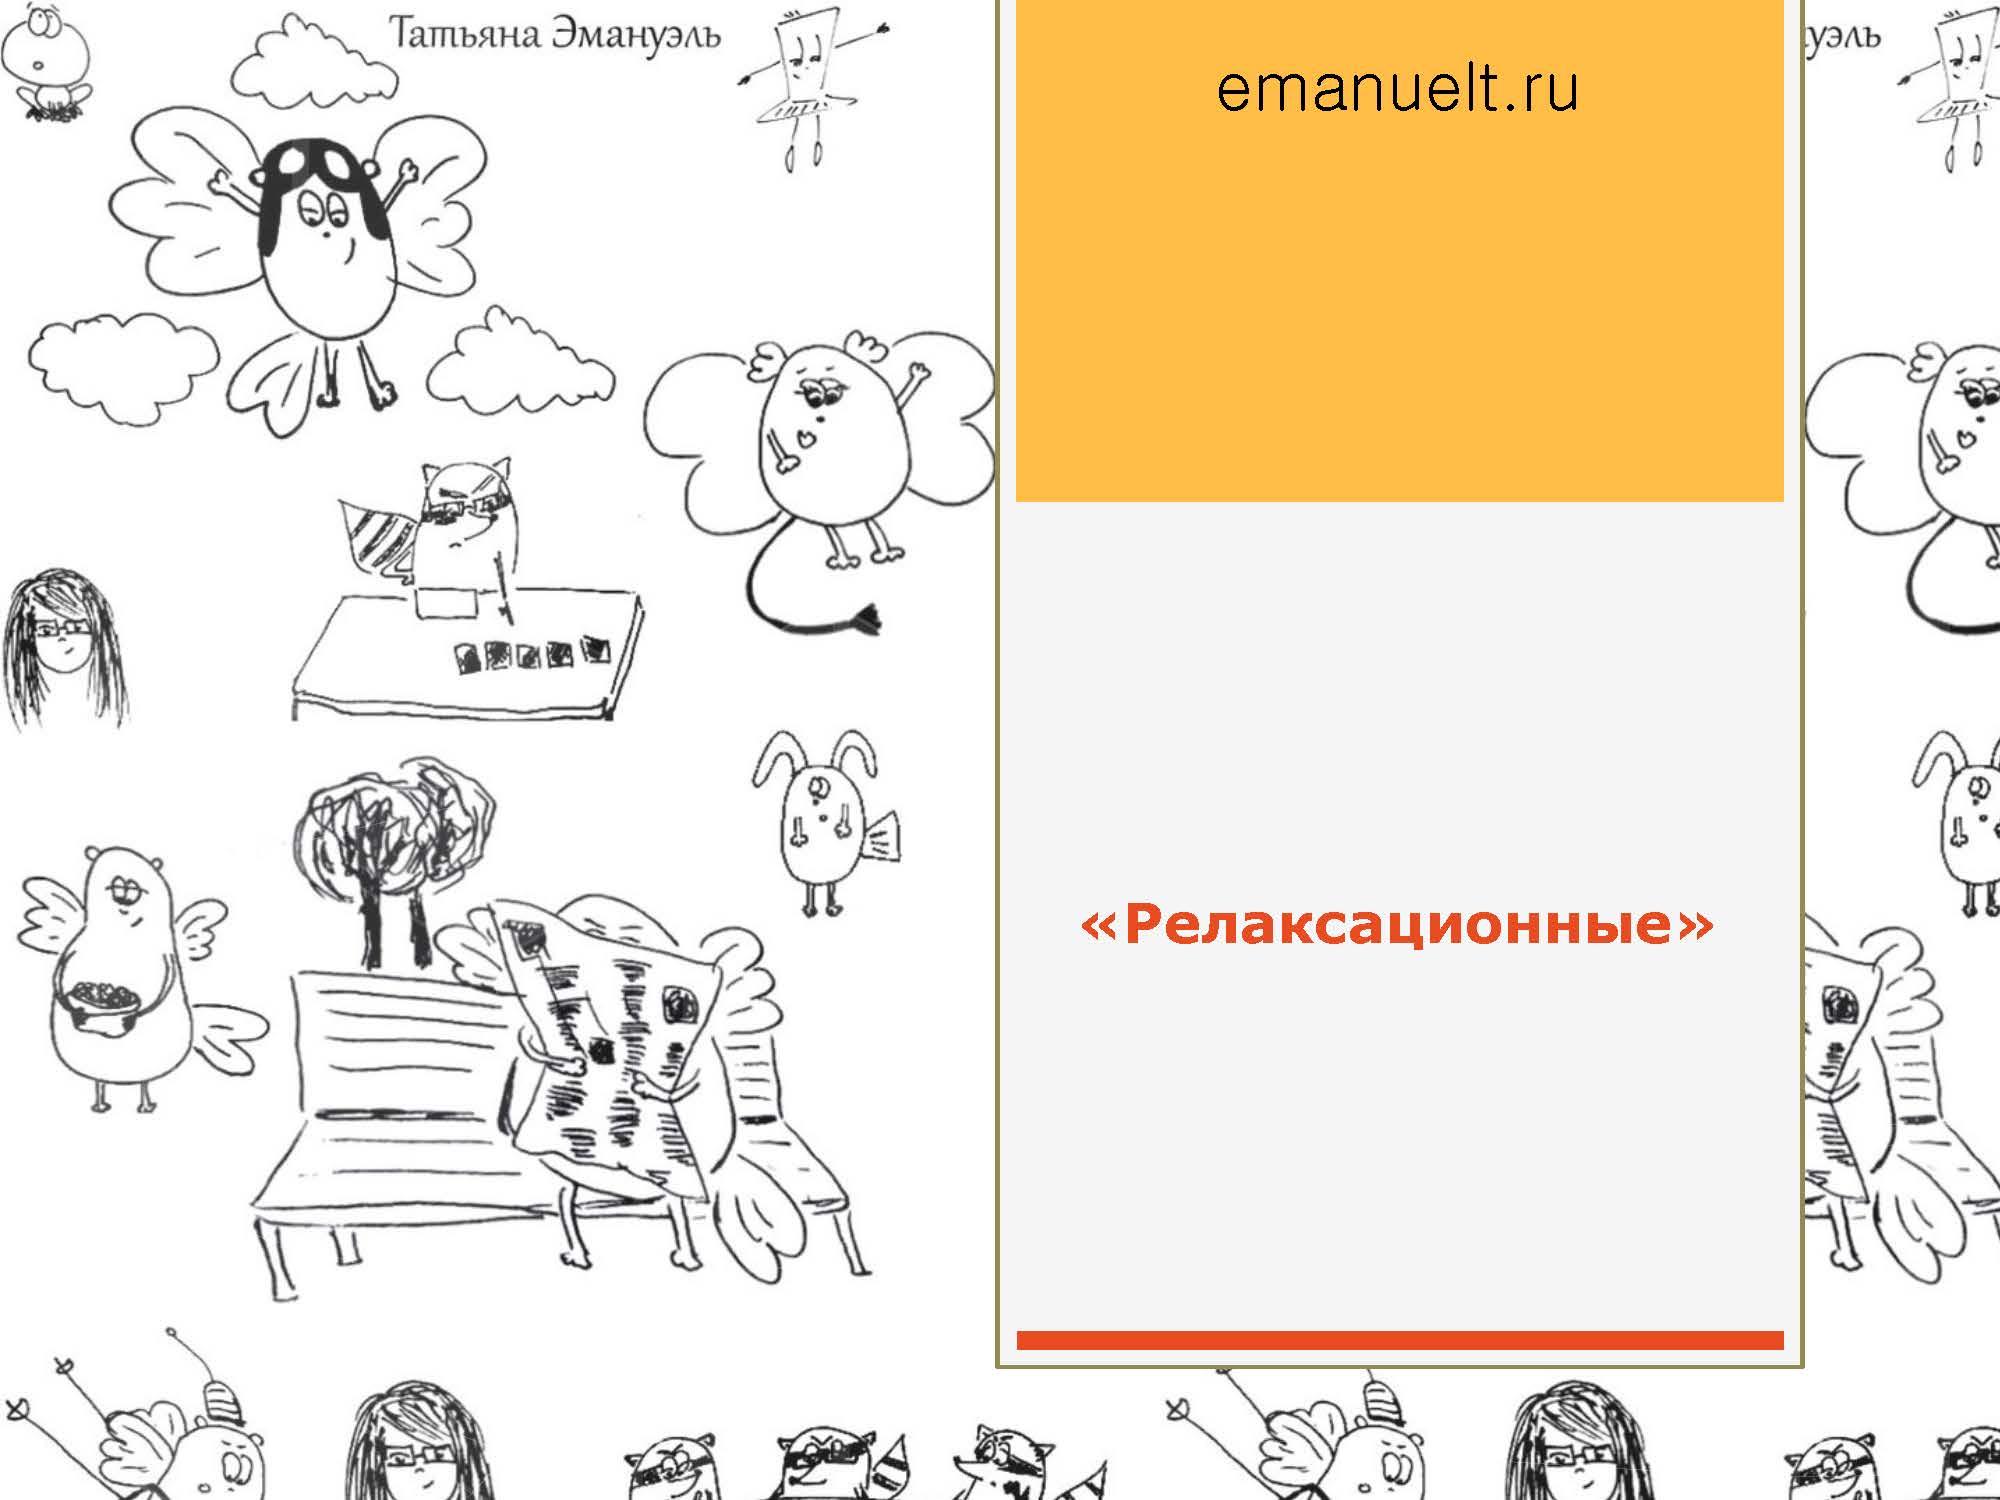 ссылки_Страница_15